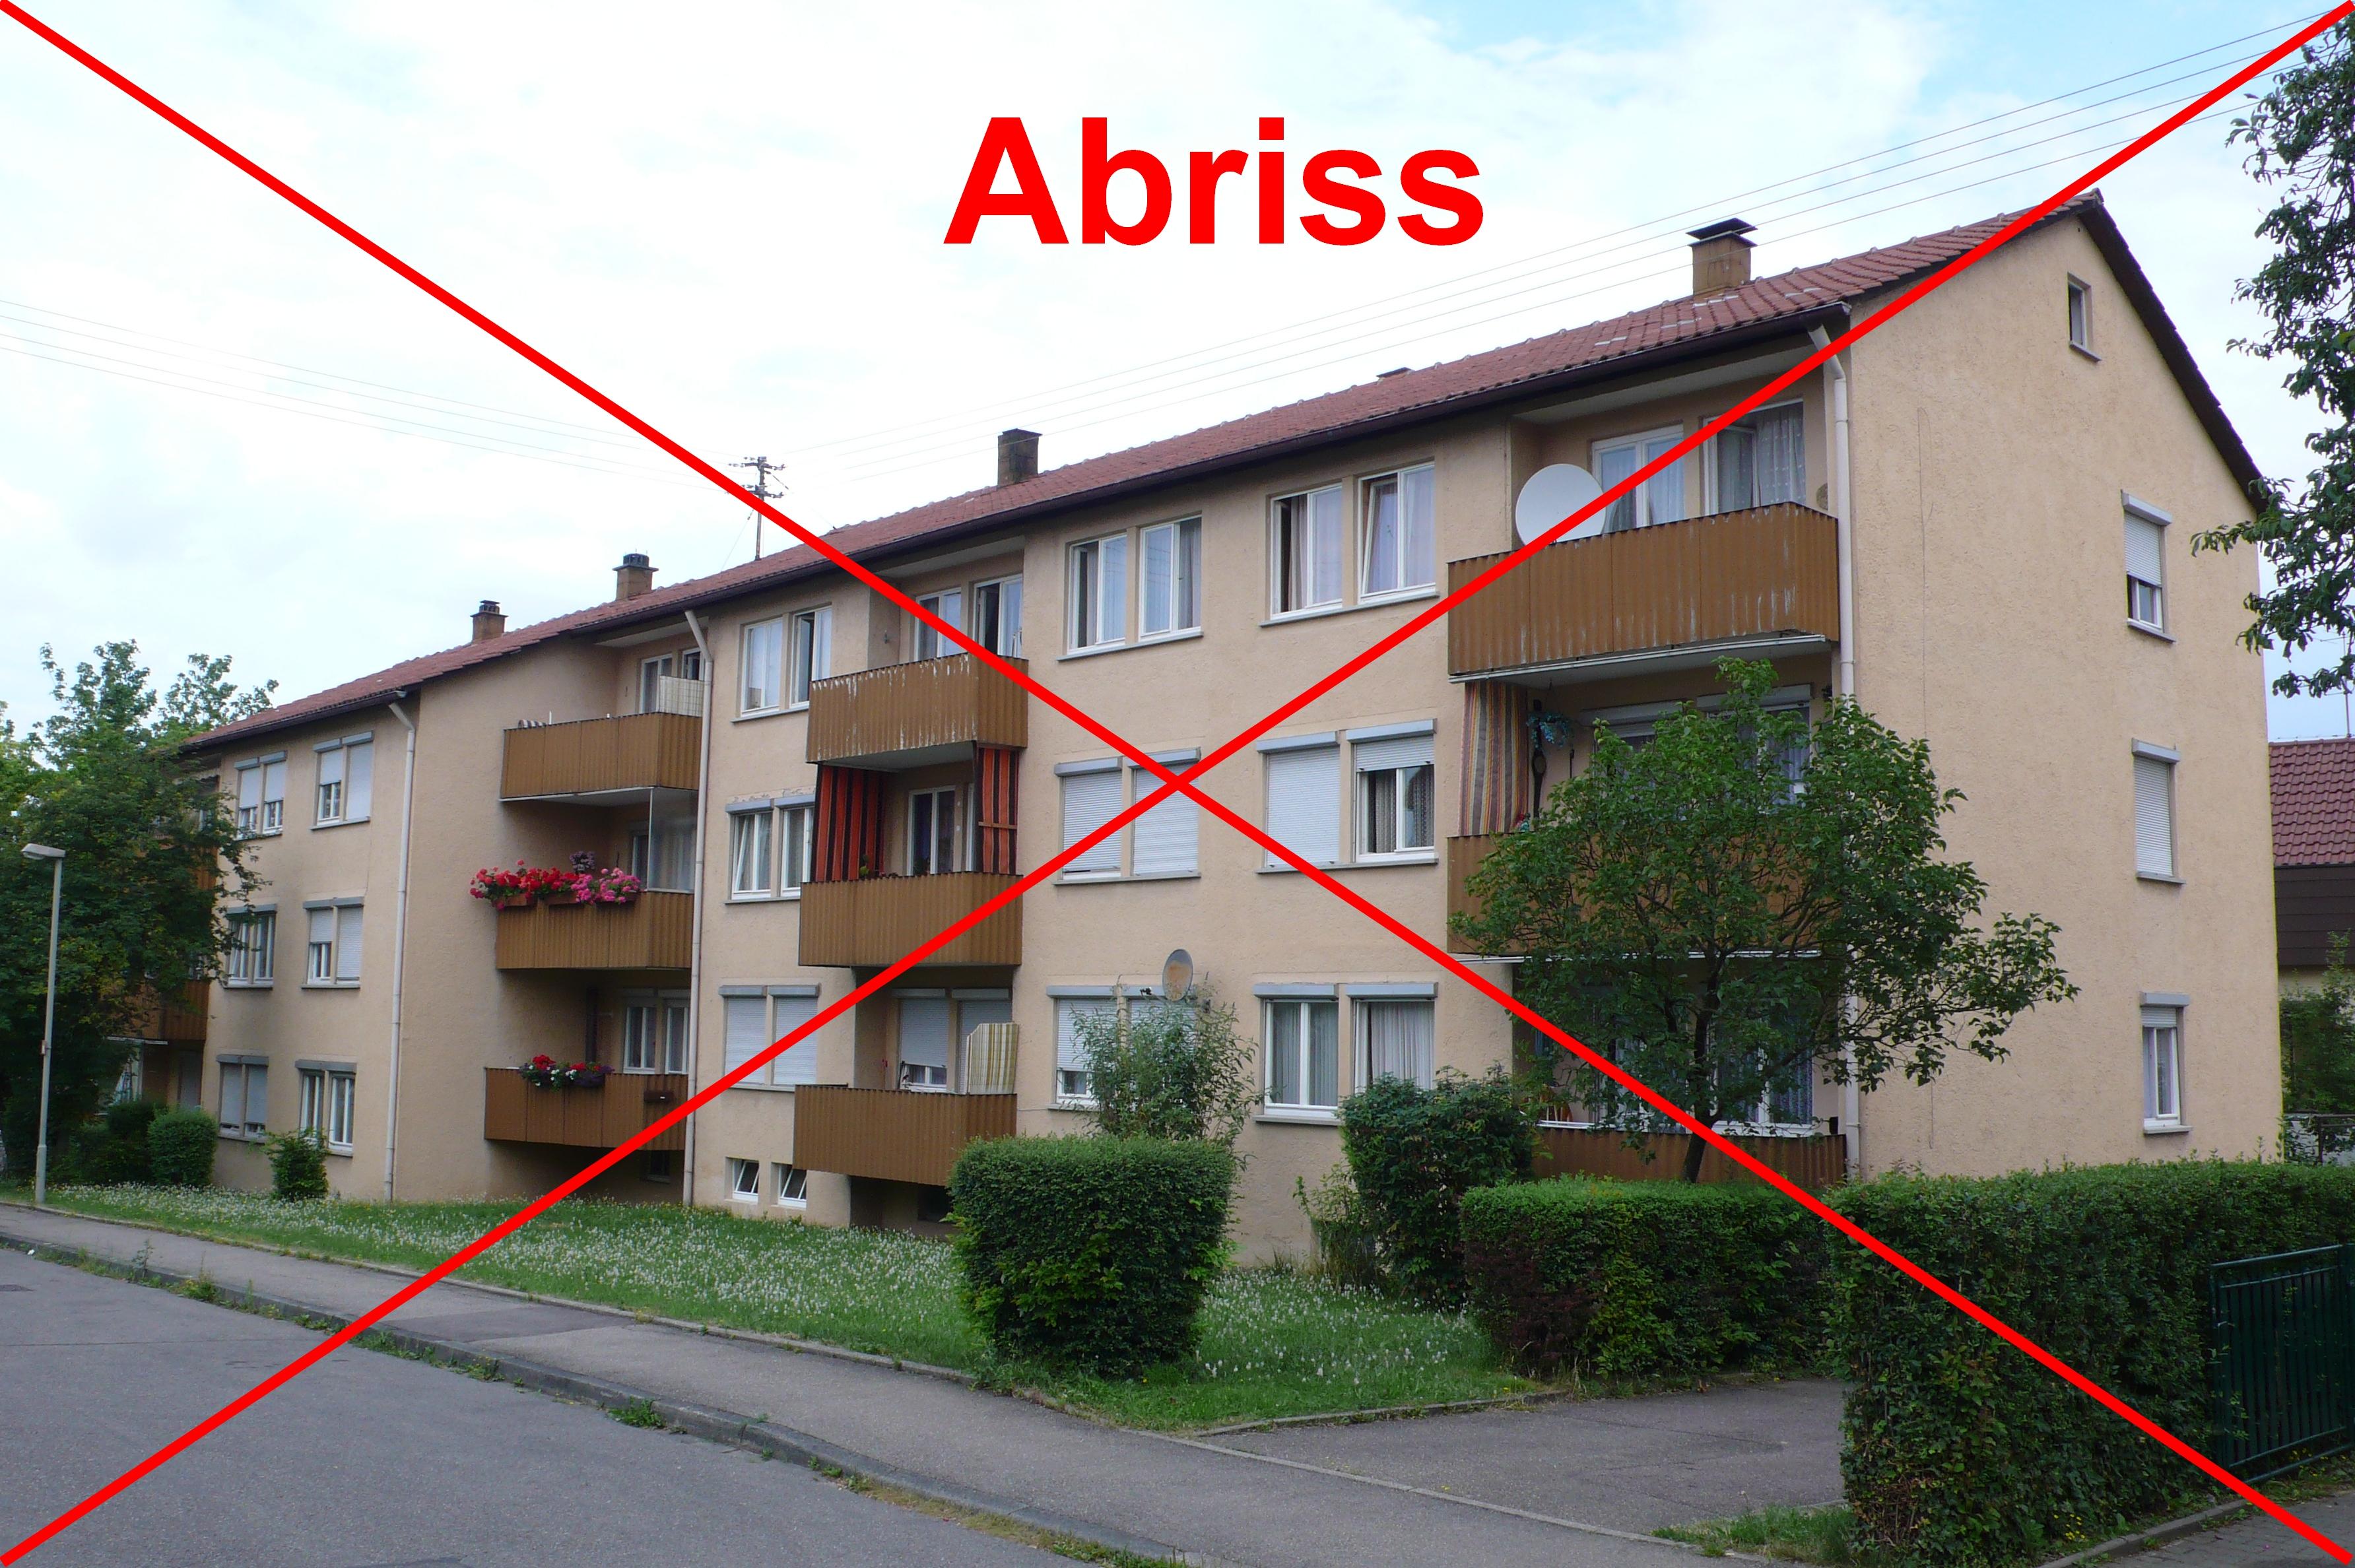 Schwalbenweg Abriss - Alle BGW-Häuser